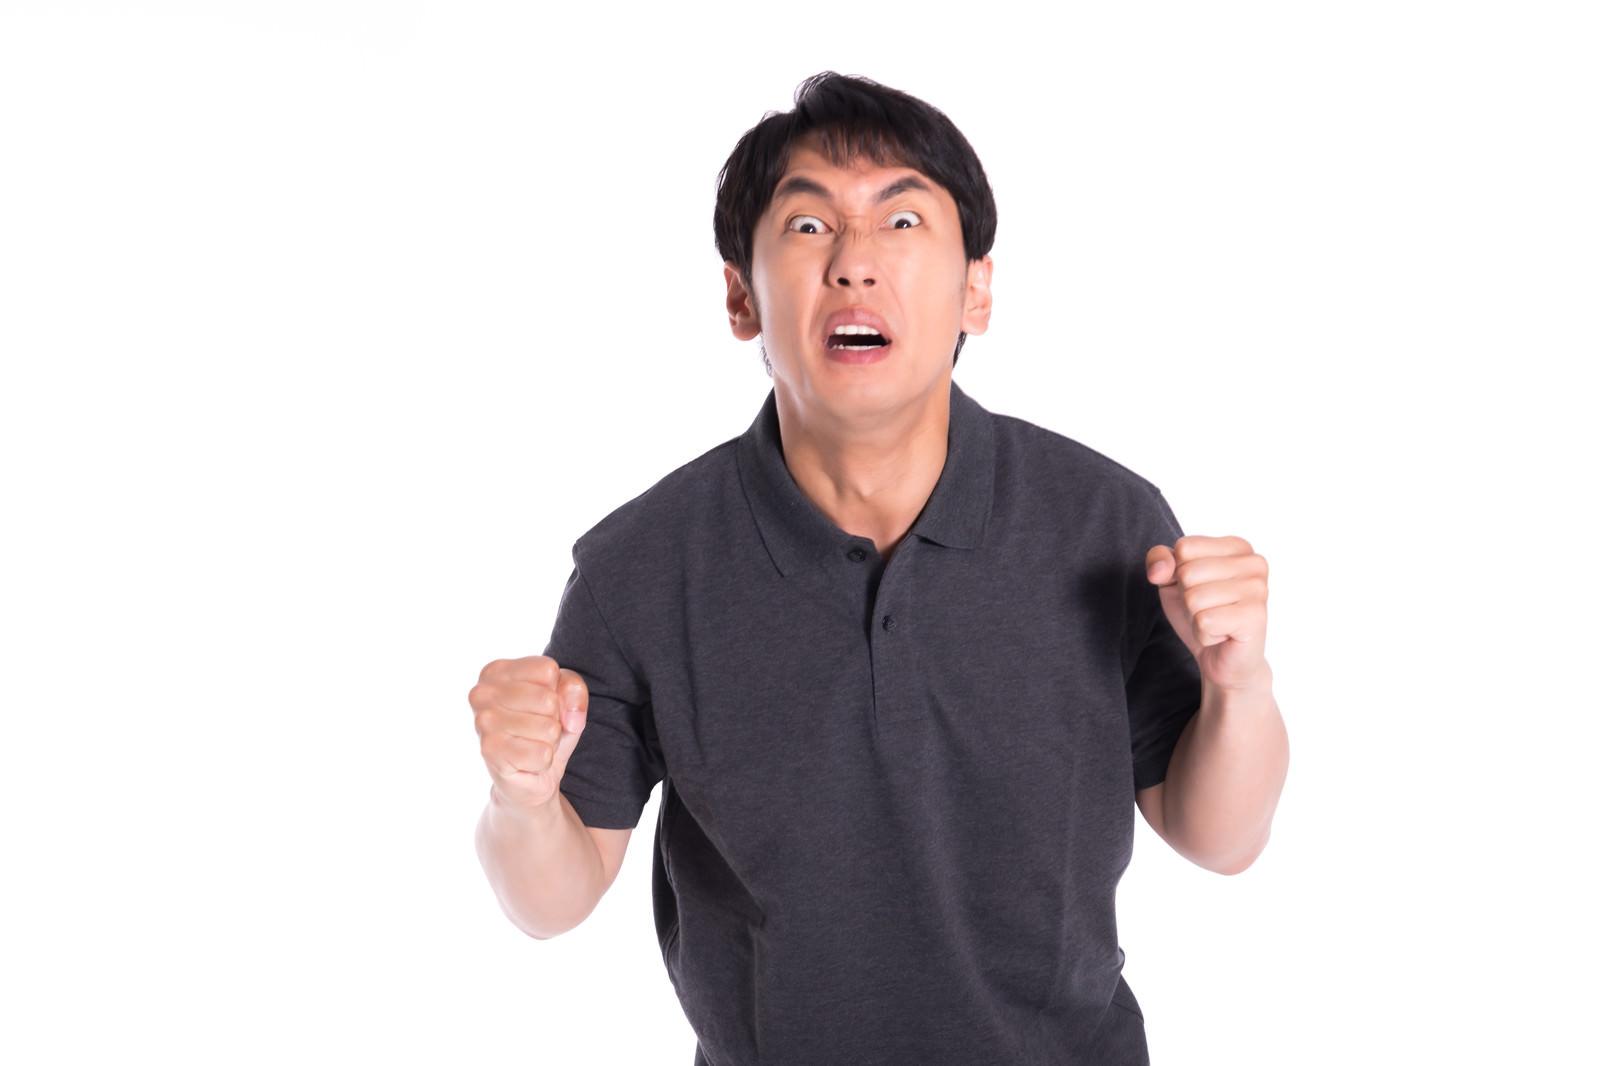 「目をむいて怒る男性」の写真[モデル:大川竜弥]